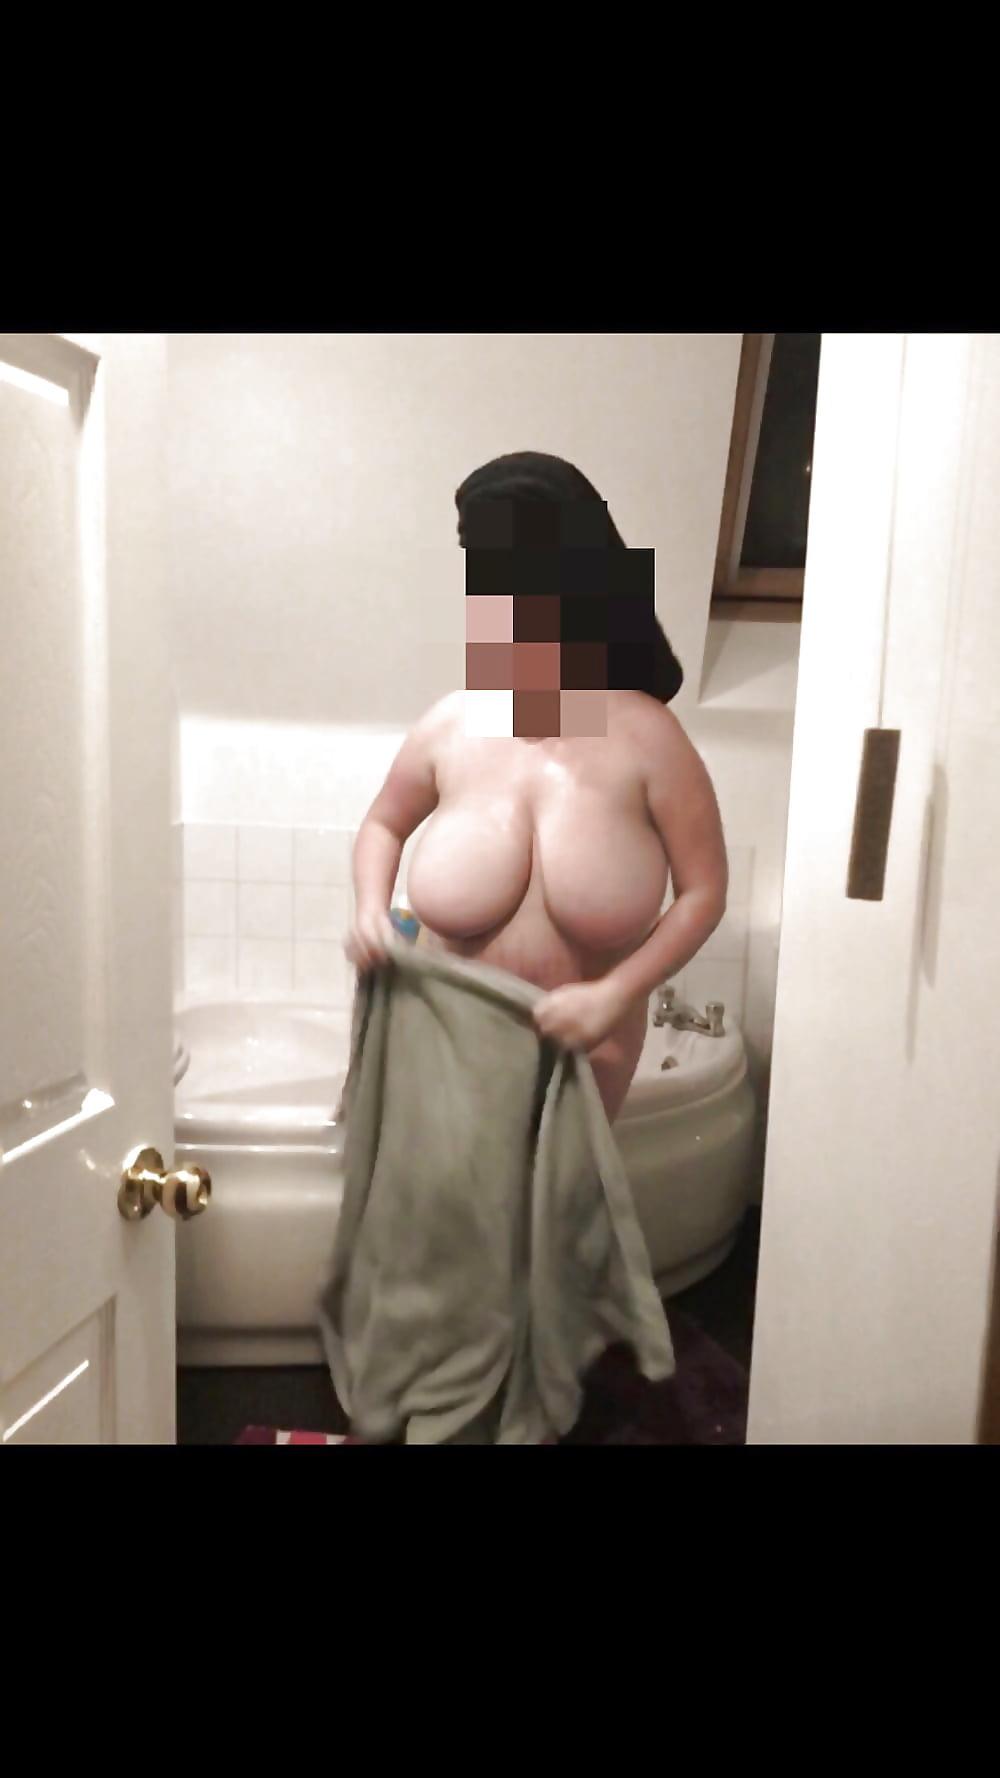 Hot naked tits pics-7513